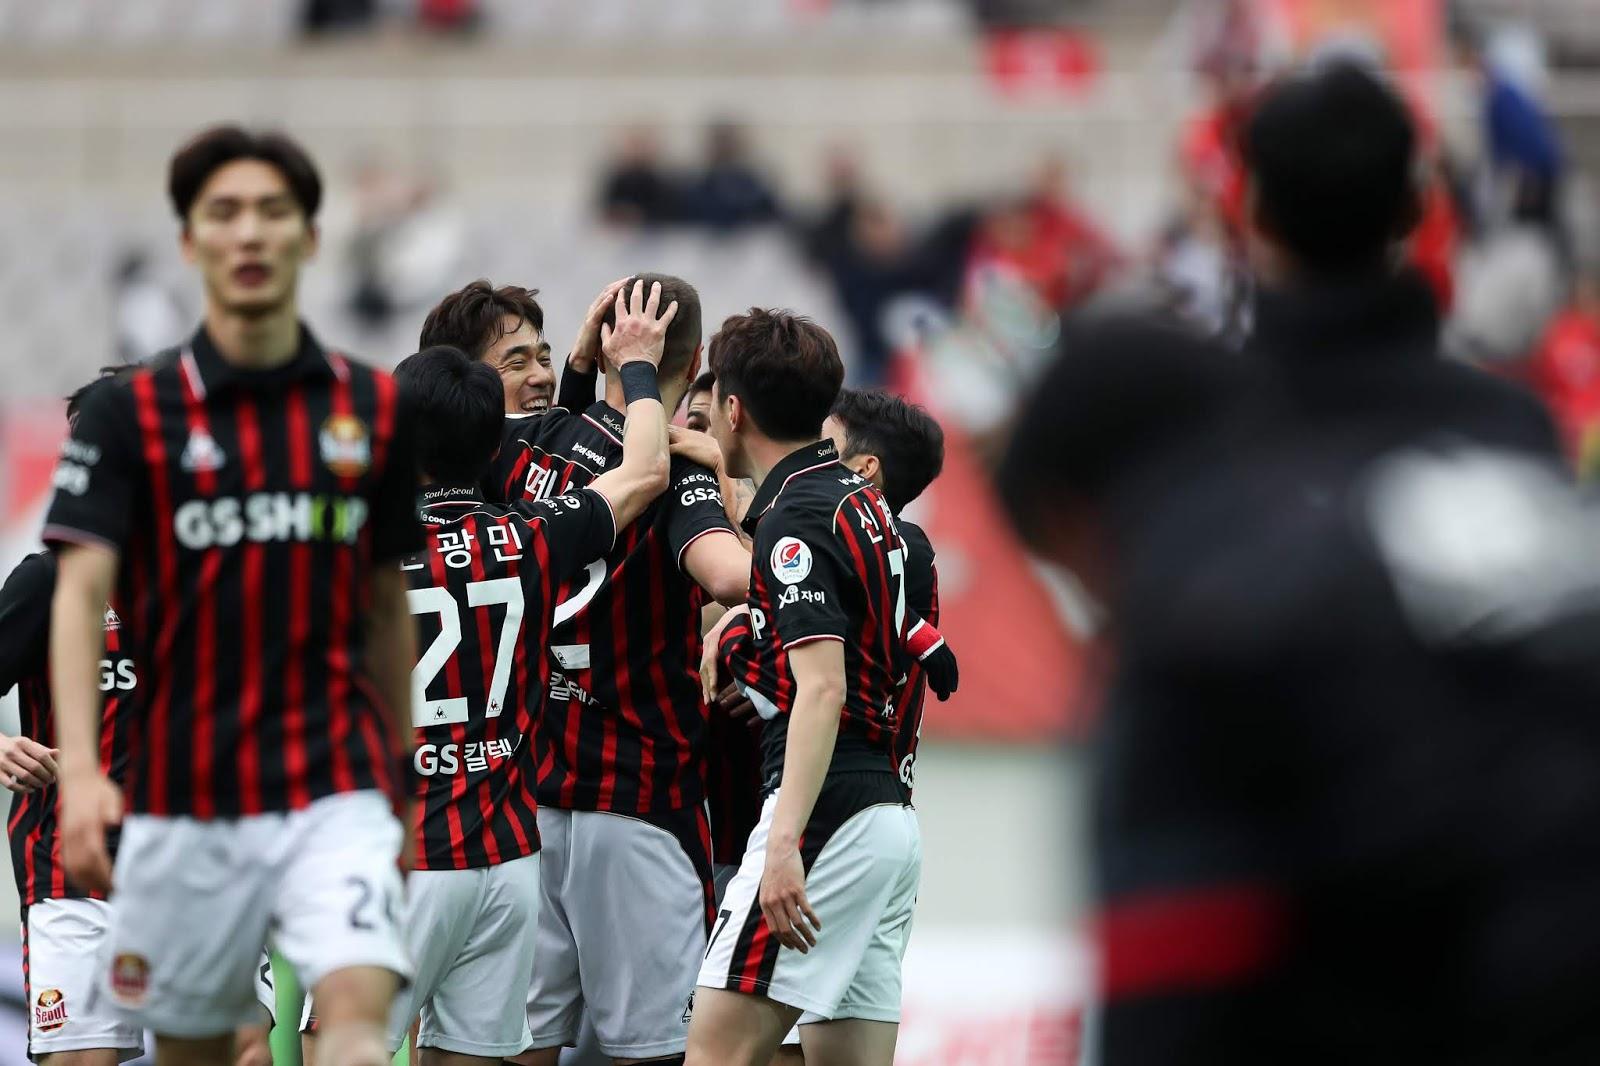 Preview: Gangwon FC vs FC Seoul K League 1 Round 7